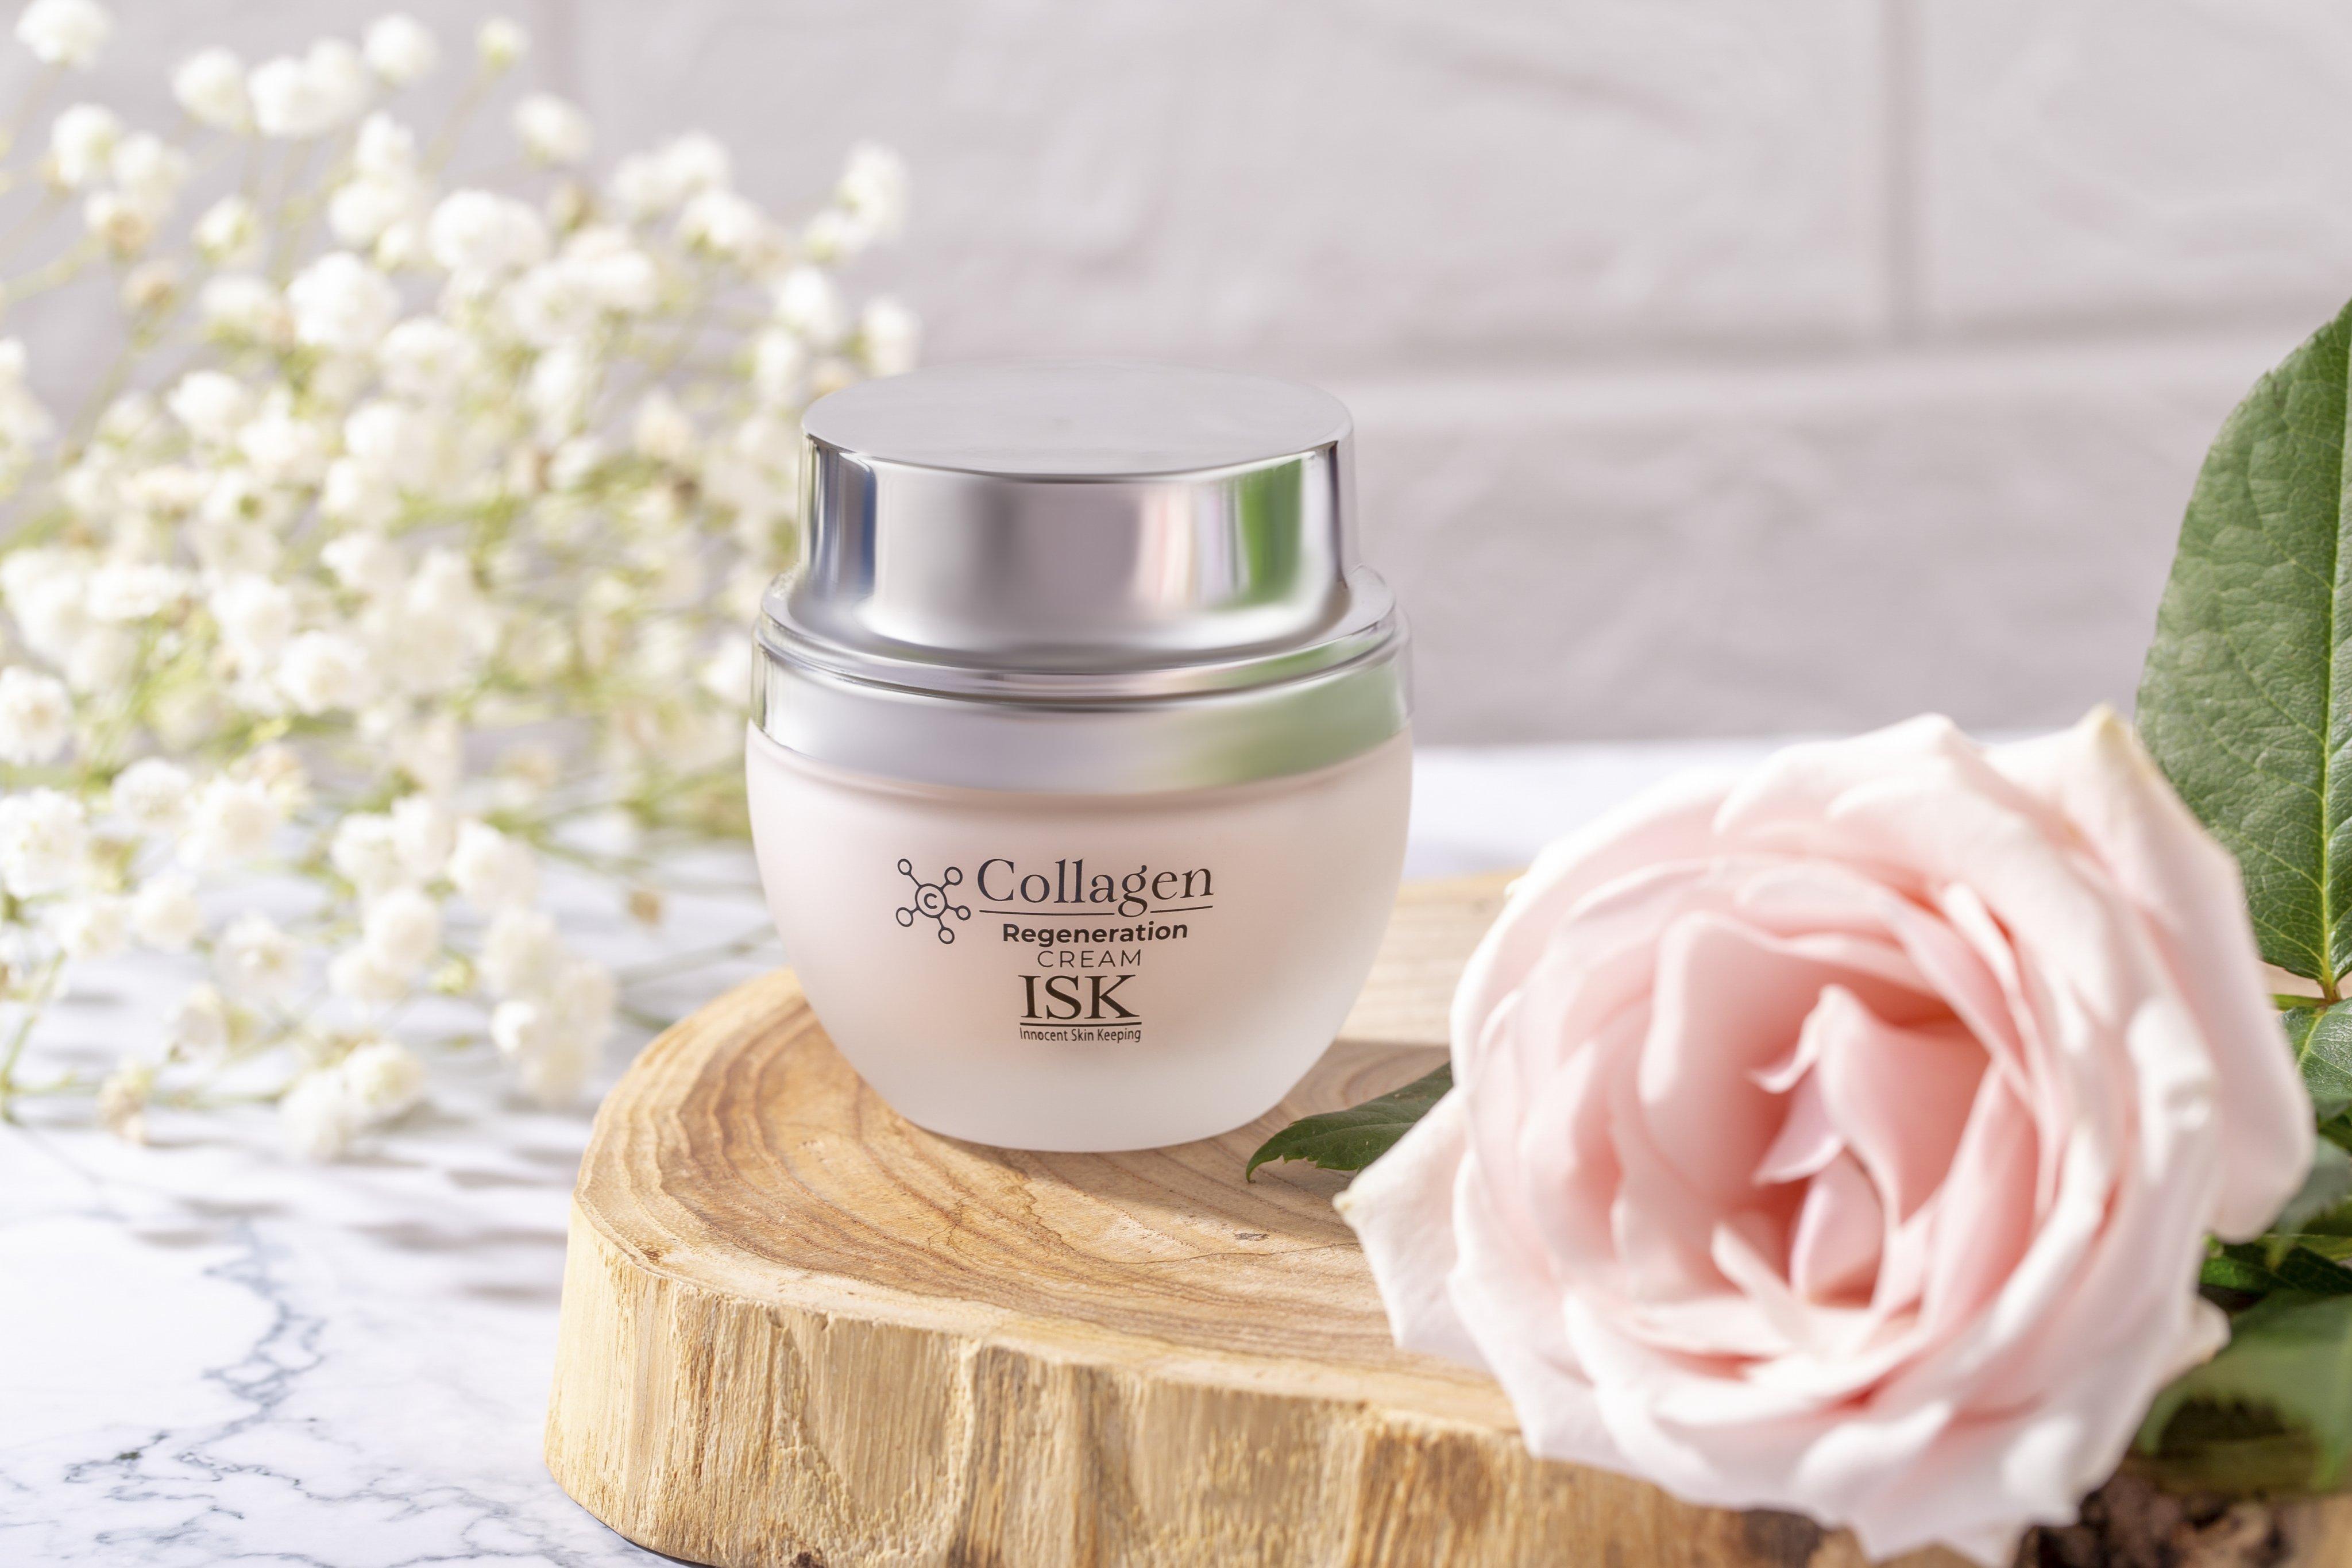 Kem dưỡng da săn chắc và làm trắng da ISK Collagen Regeneration Softner 55g - Hàn Quốc Chính Hãng